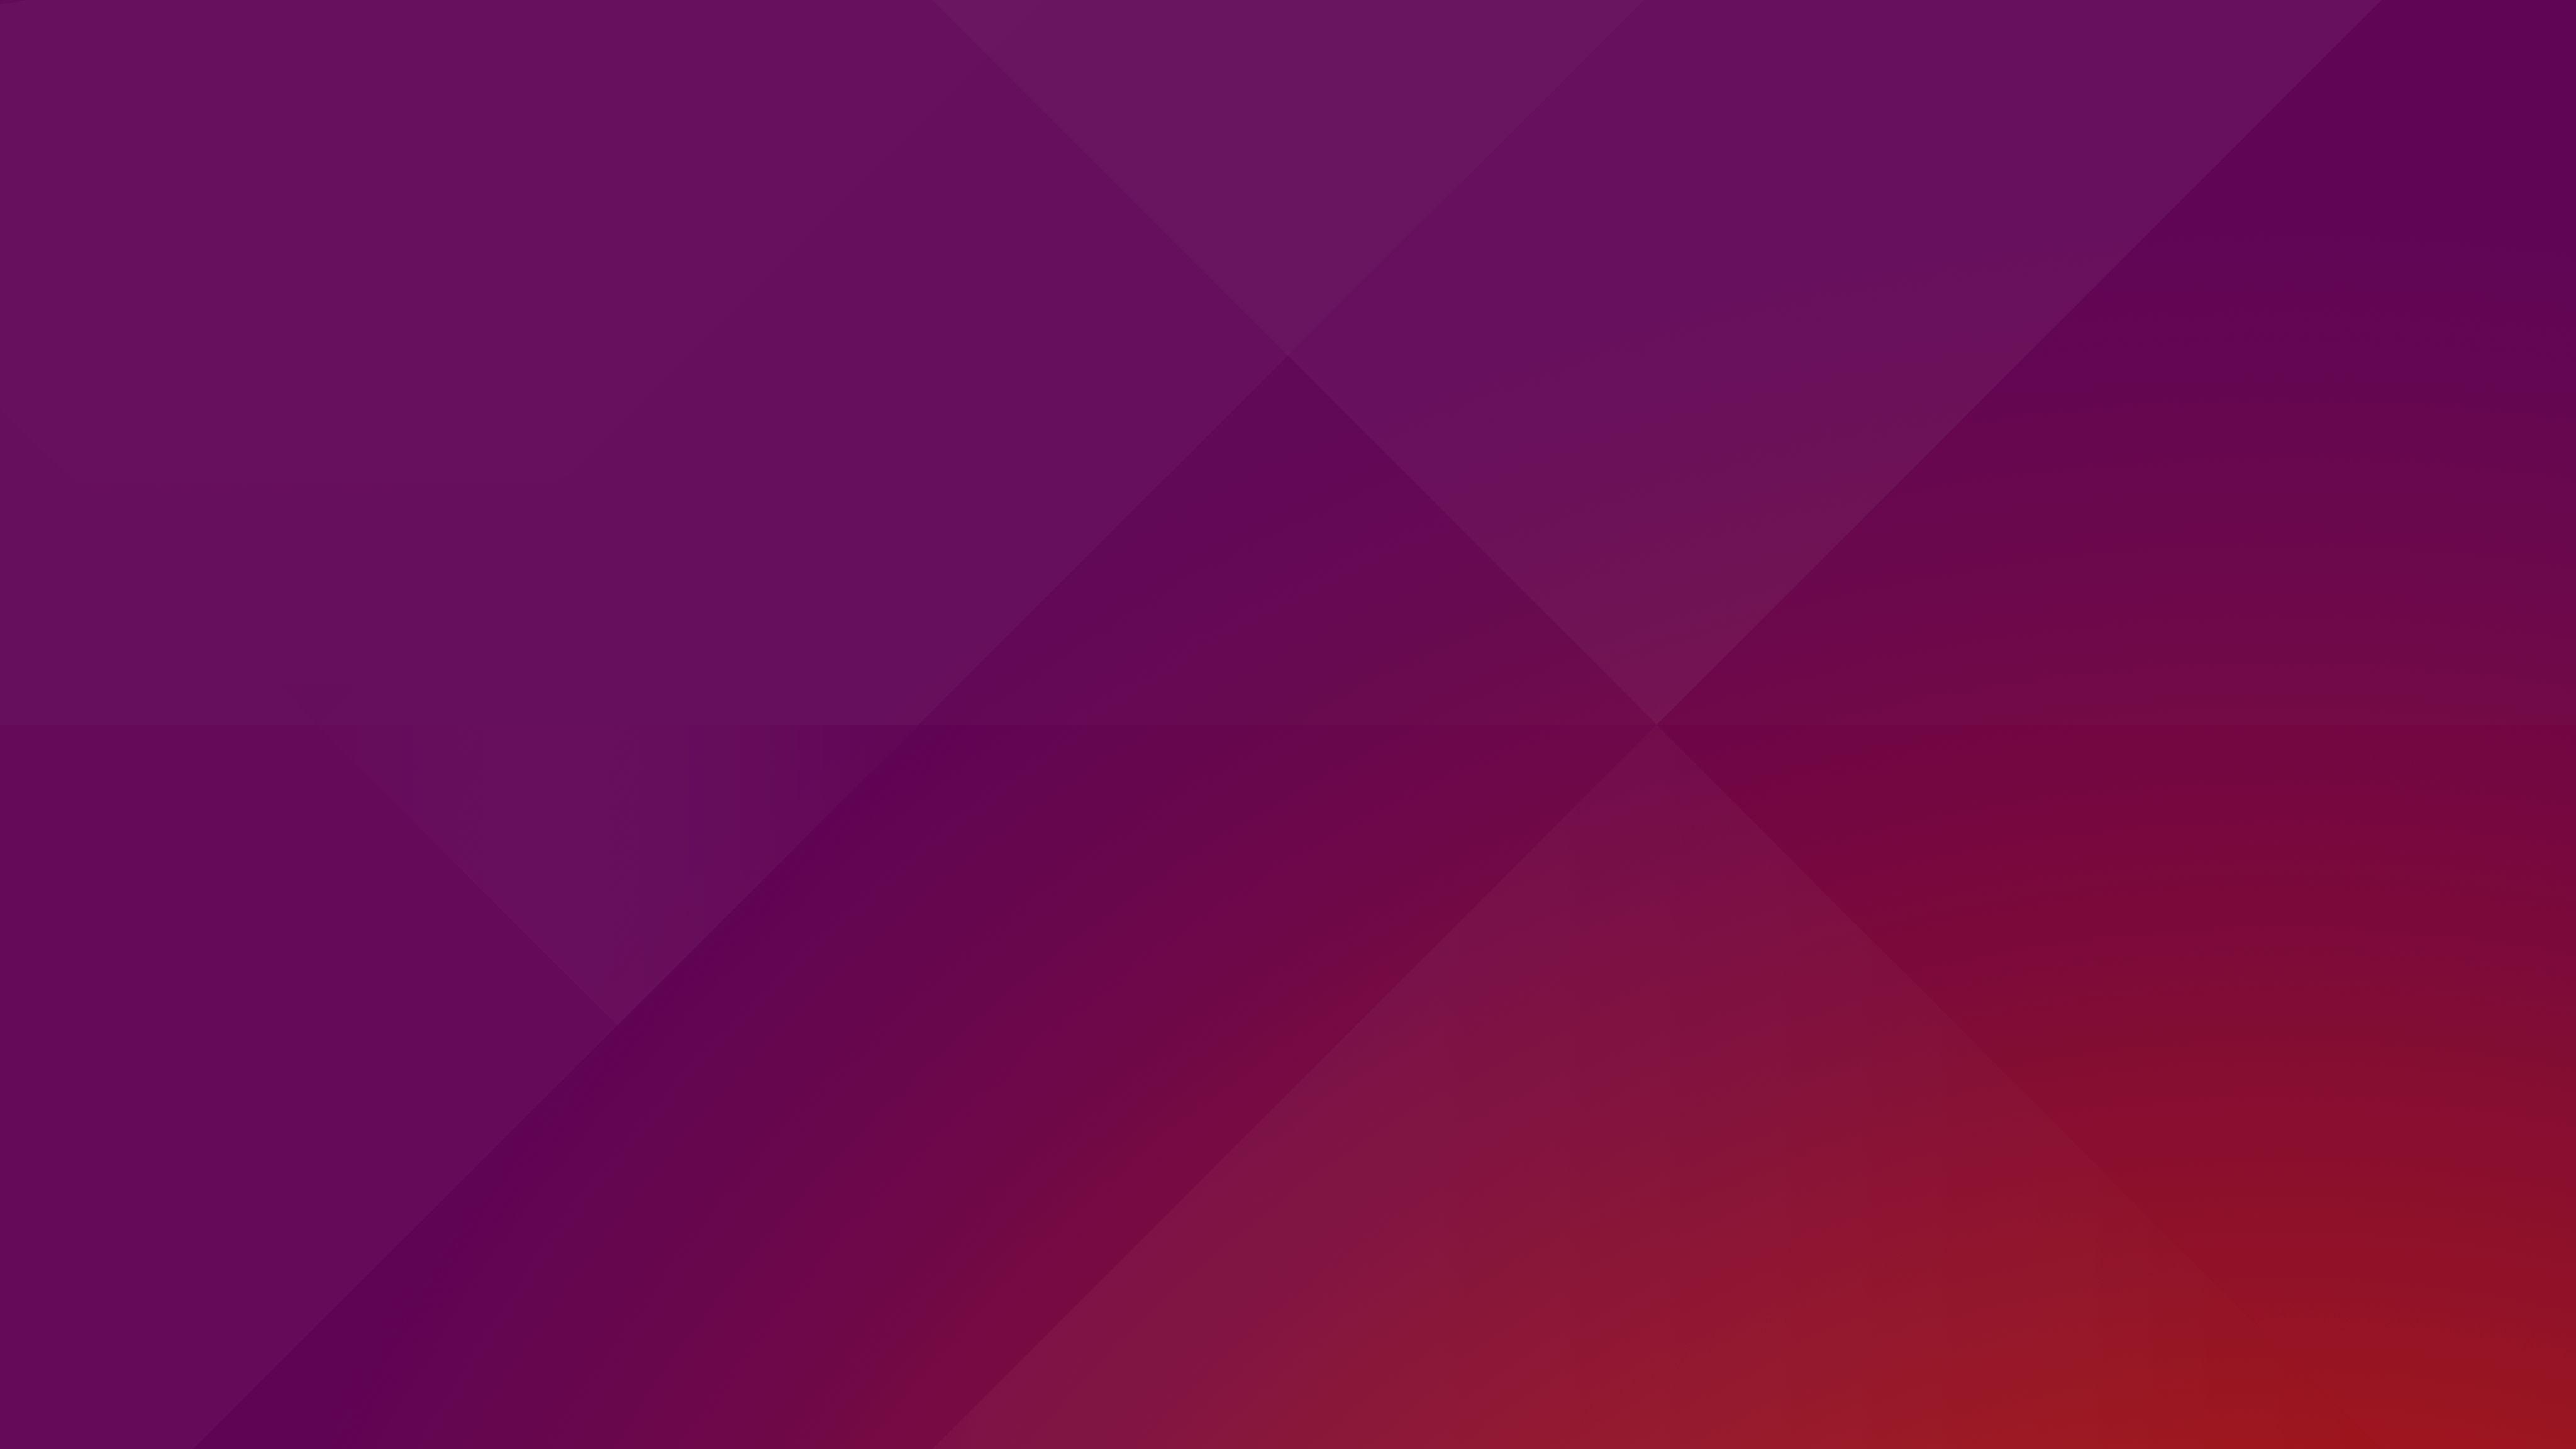 This is the Default Desktop Wallpaper for Ubuntu 1610 4096x2304